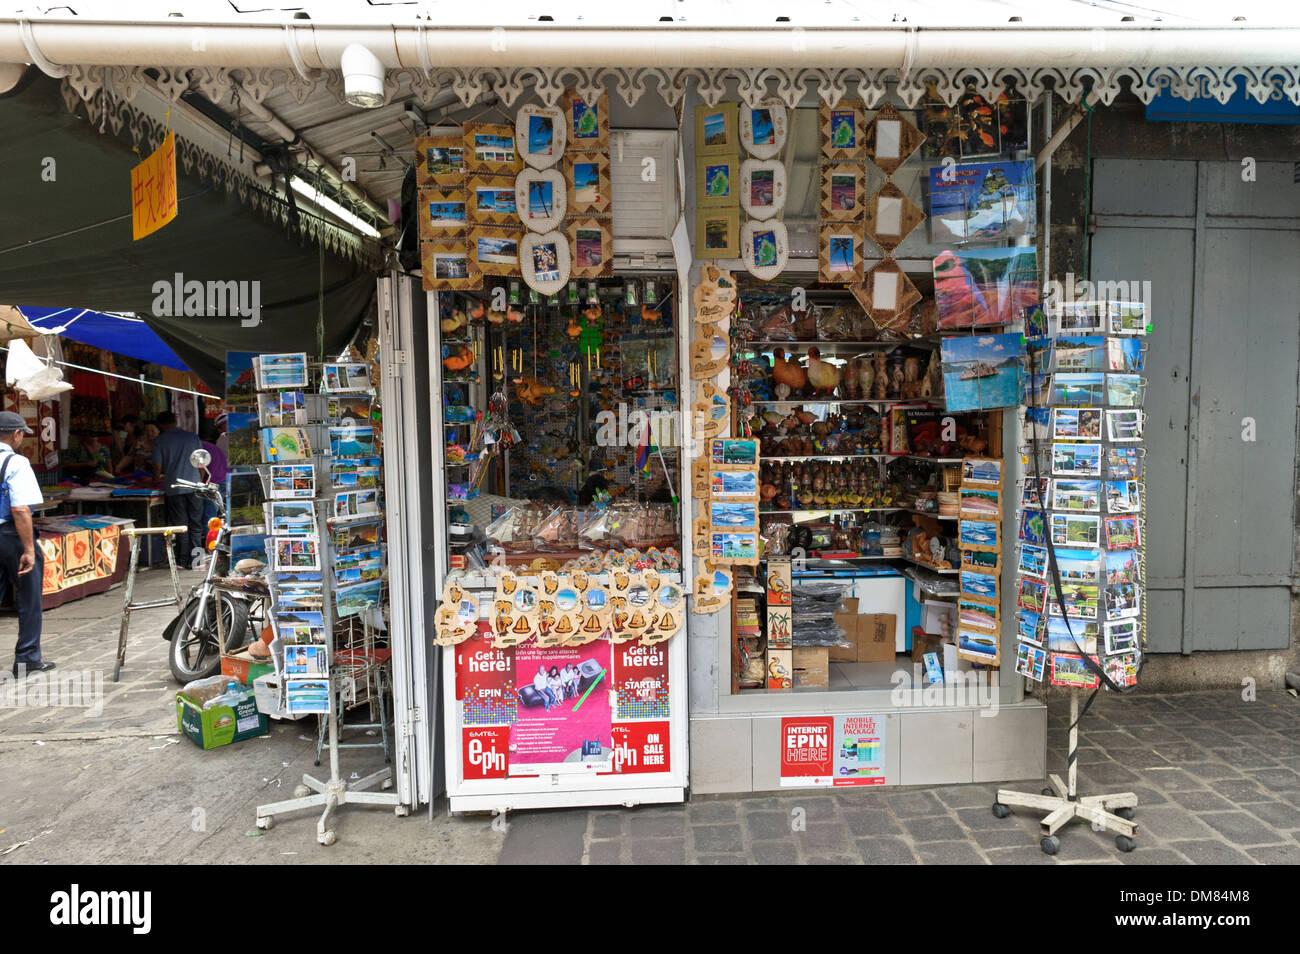 Souvenir shop port louis market mauritius stock photo royalty free image 64103544 alamy - Mauritius market port louis ...